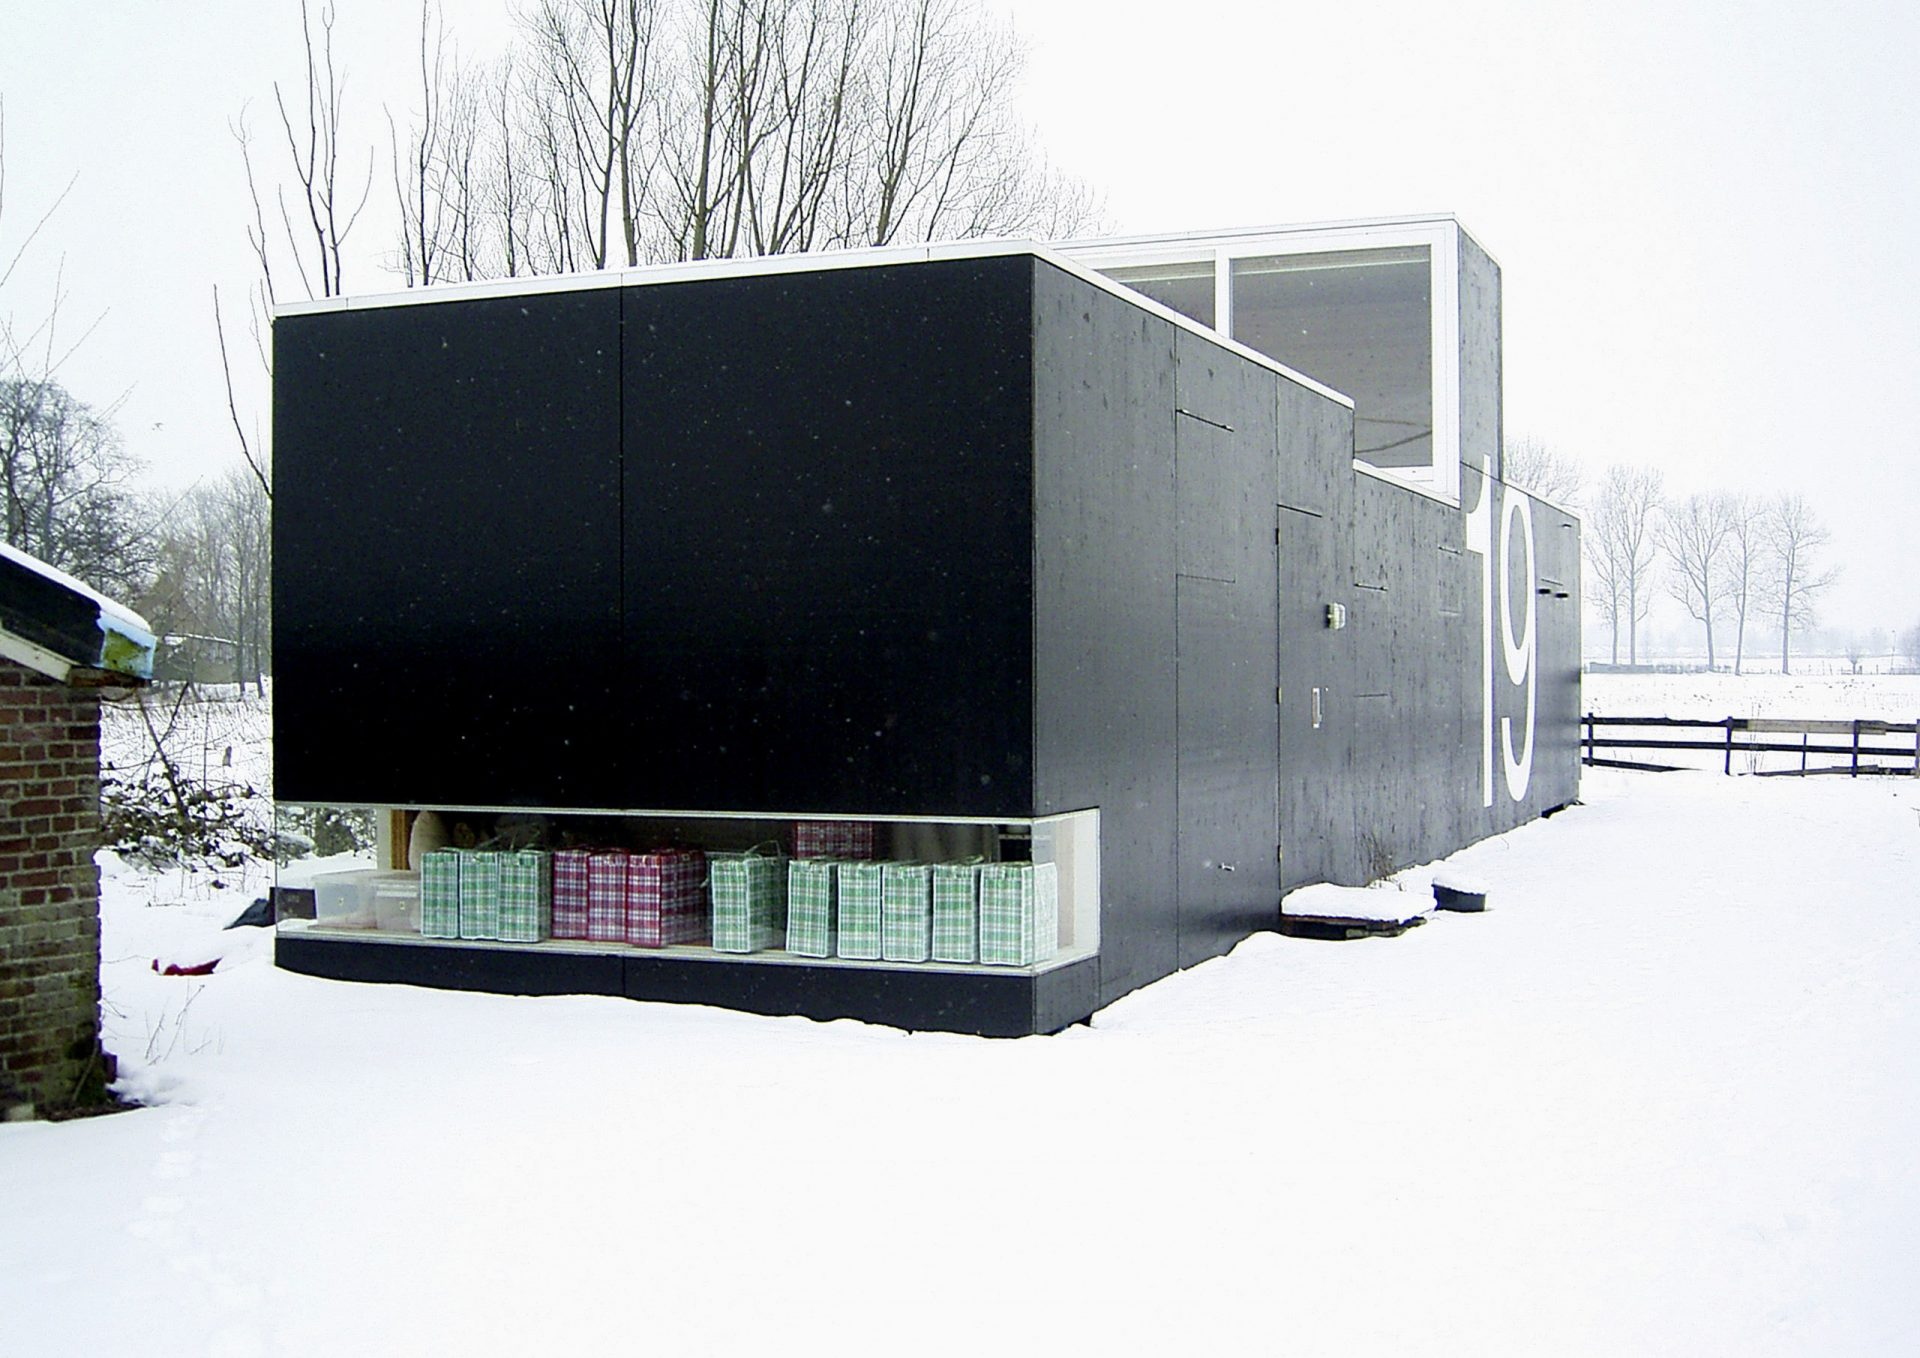 Huis 19 Snow 2